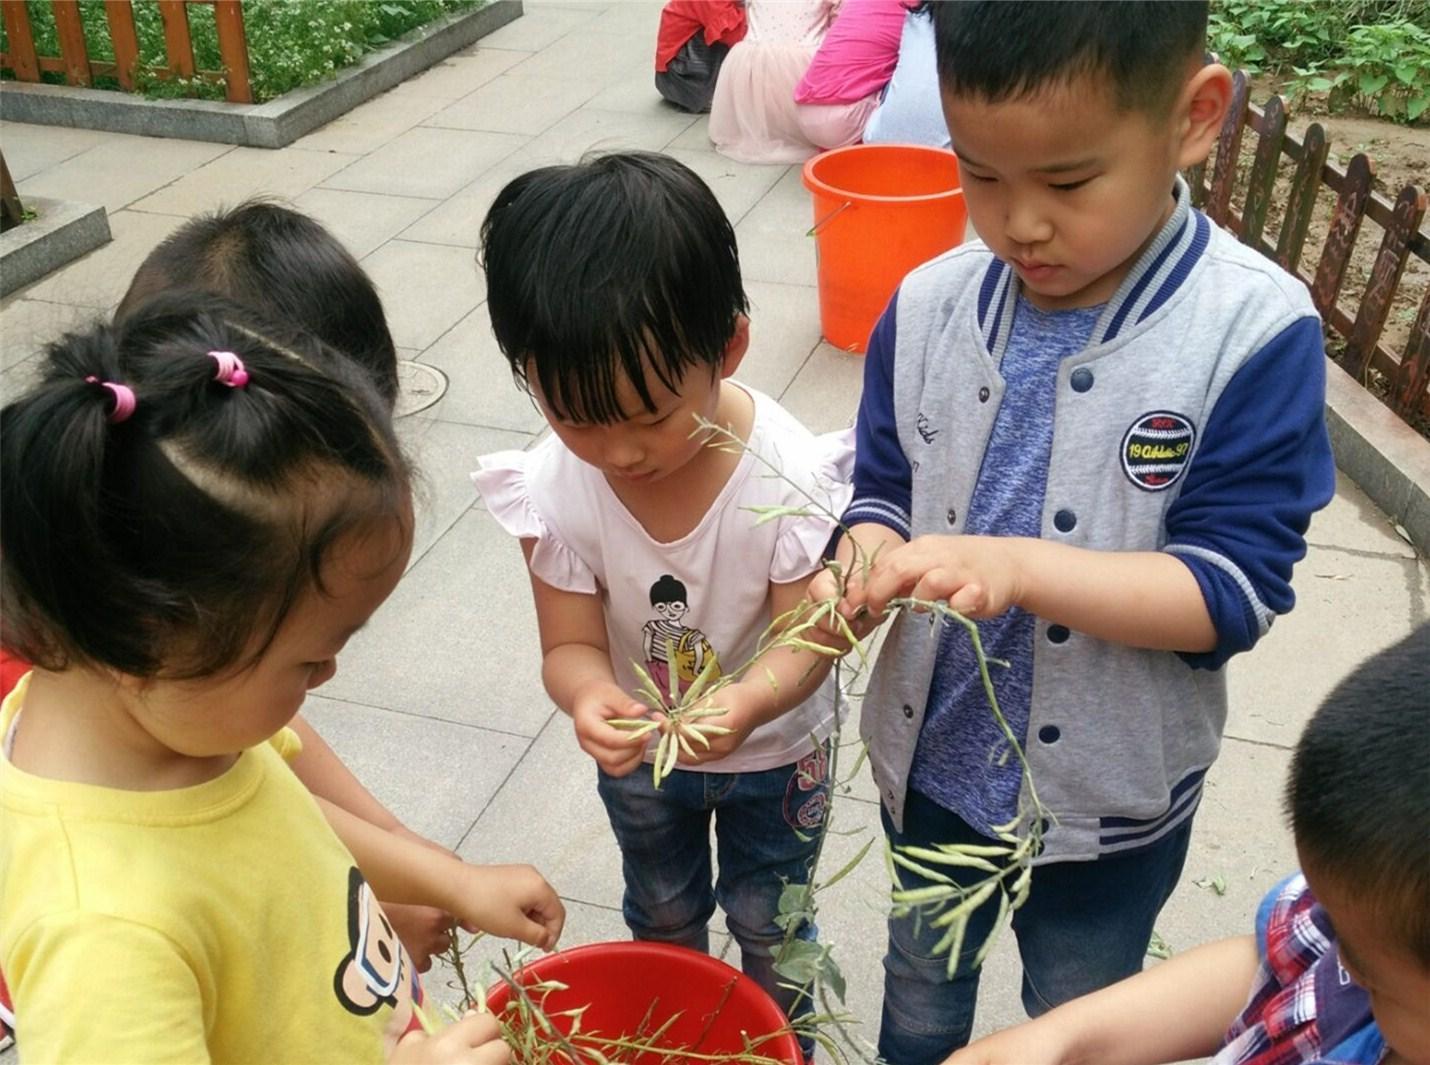 相约雨后,走近幸福小菜园 济南市槐荫区大金新苑幼儿园种子采摘活动